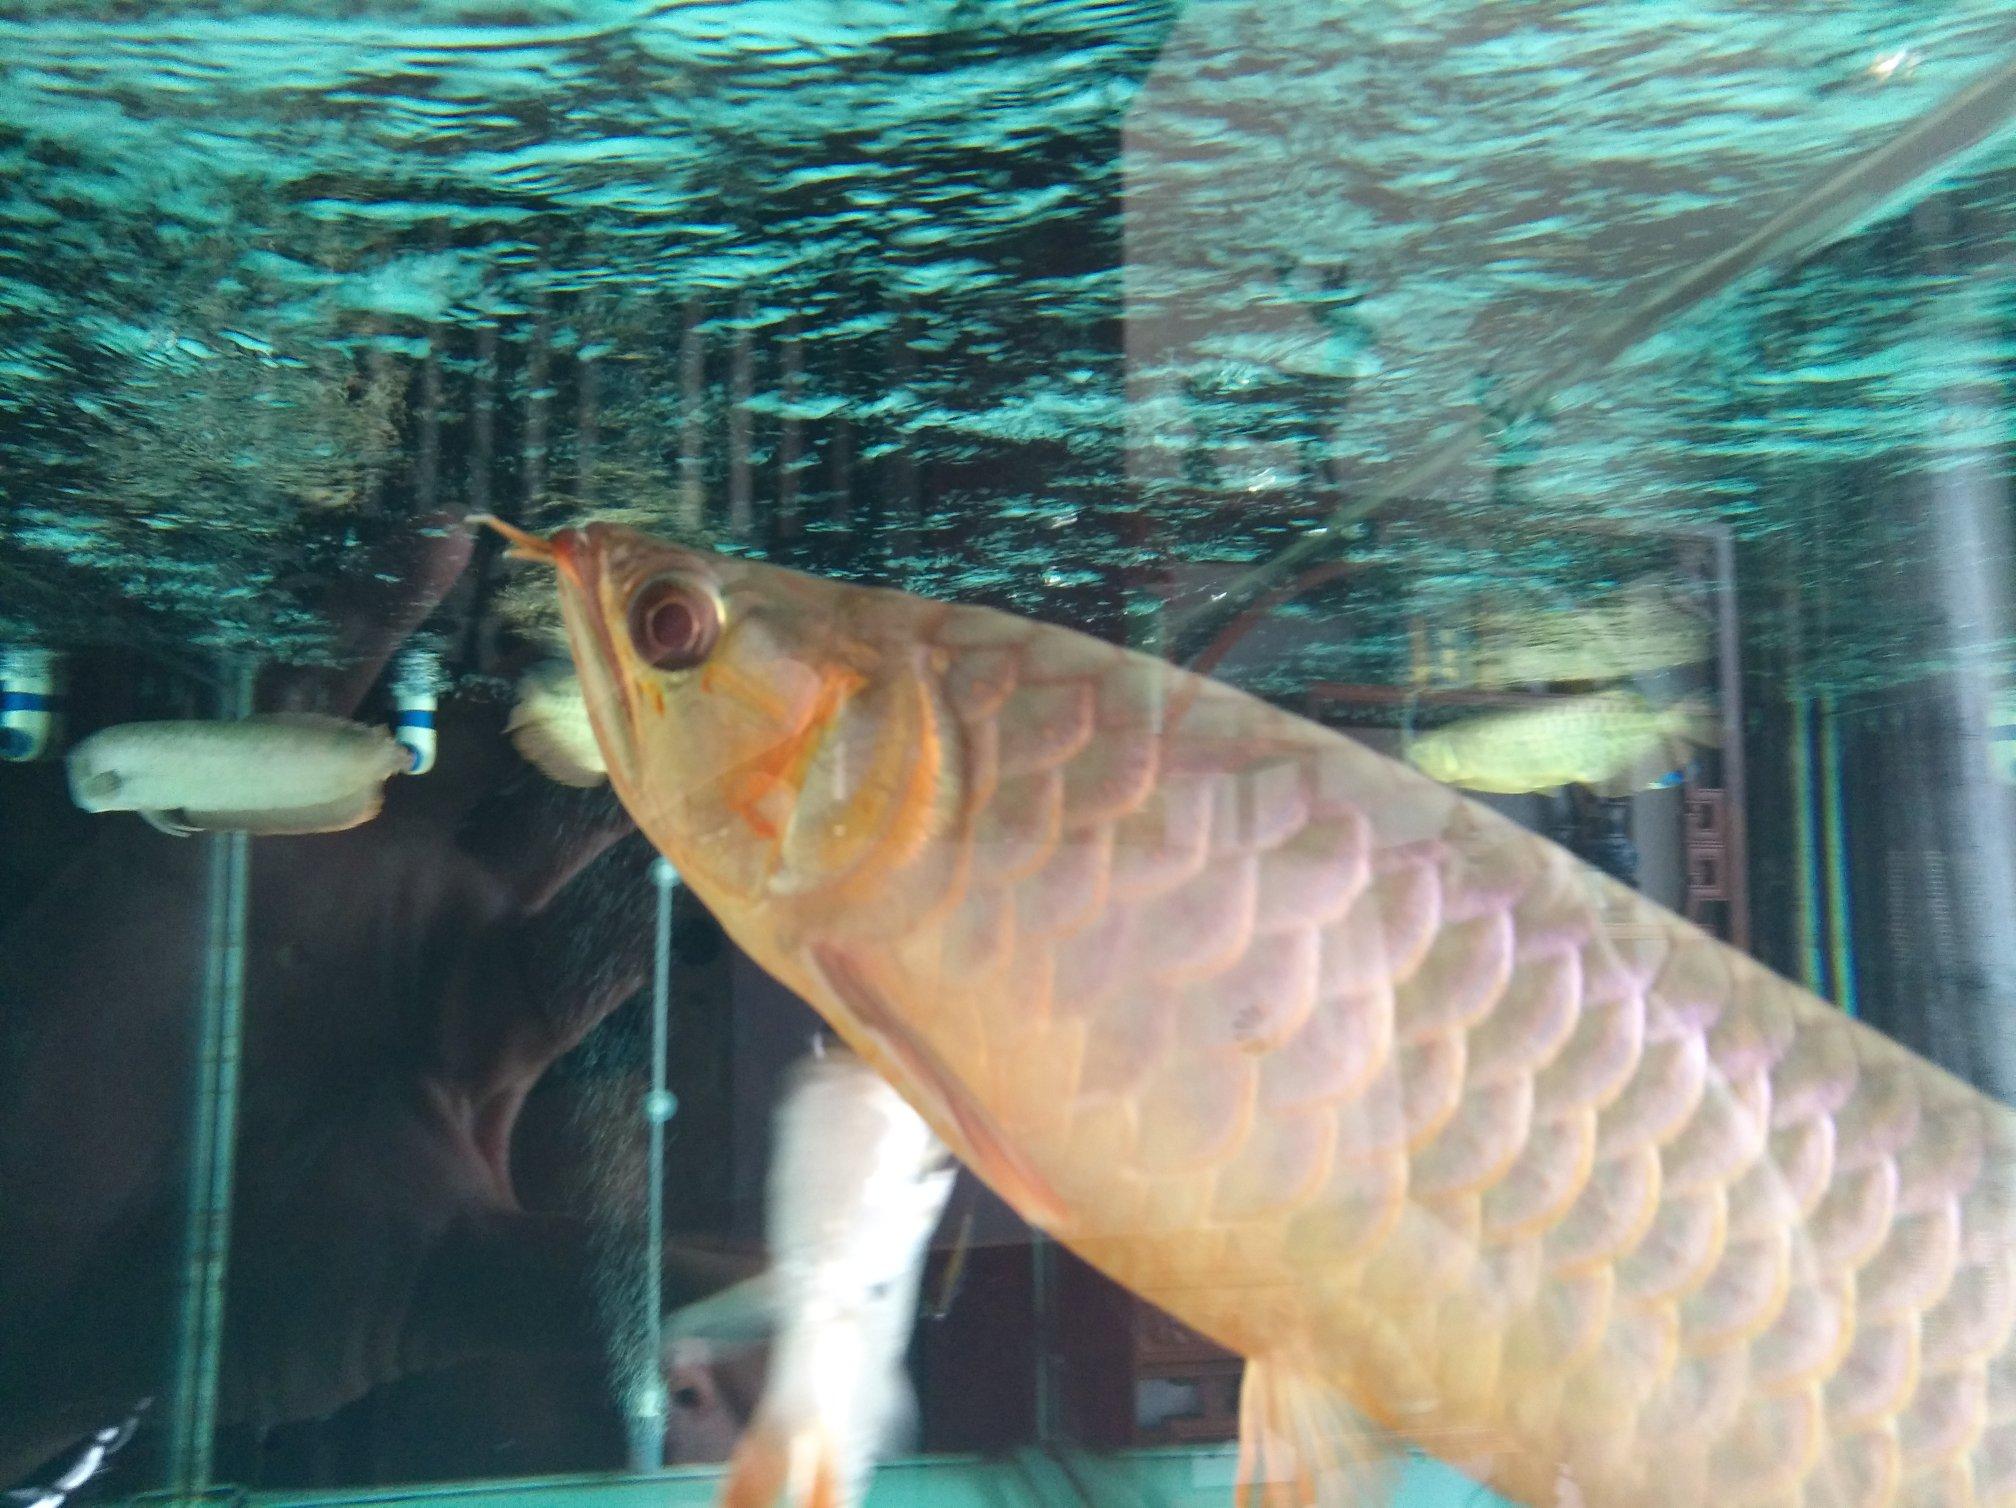 【西安黑桃A鱼】自然光透缸努力发色中 西安观赏鱼信息 西安博特第2张